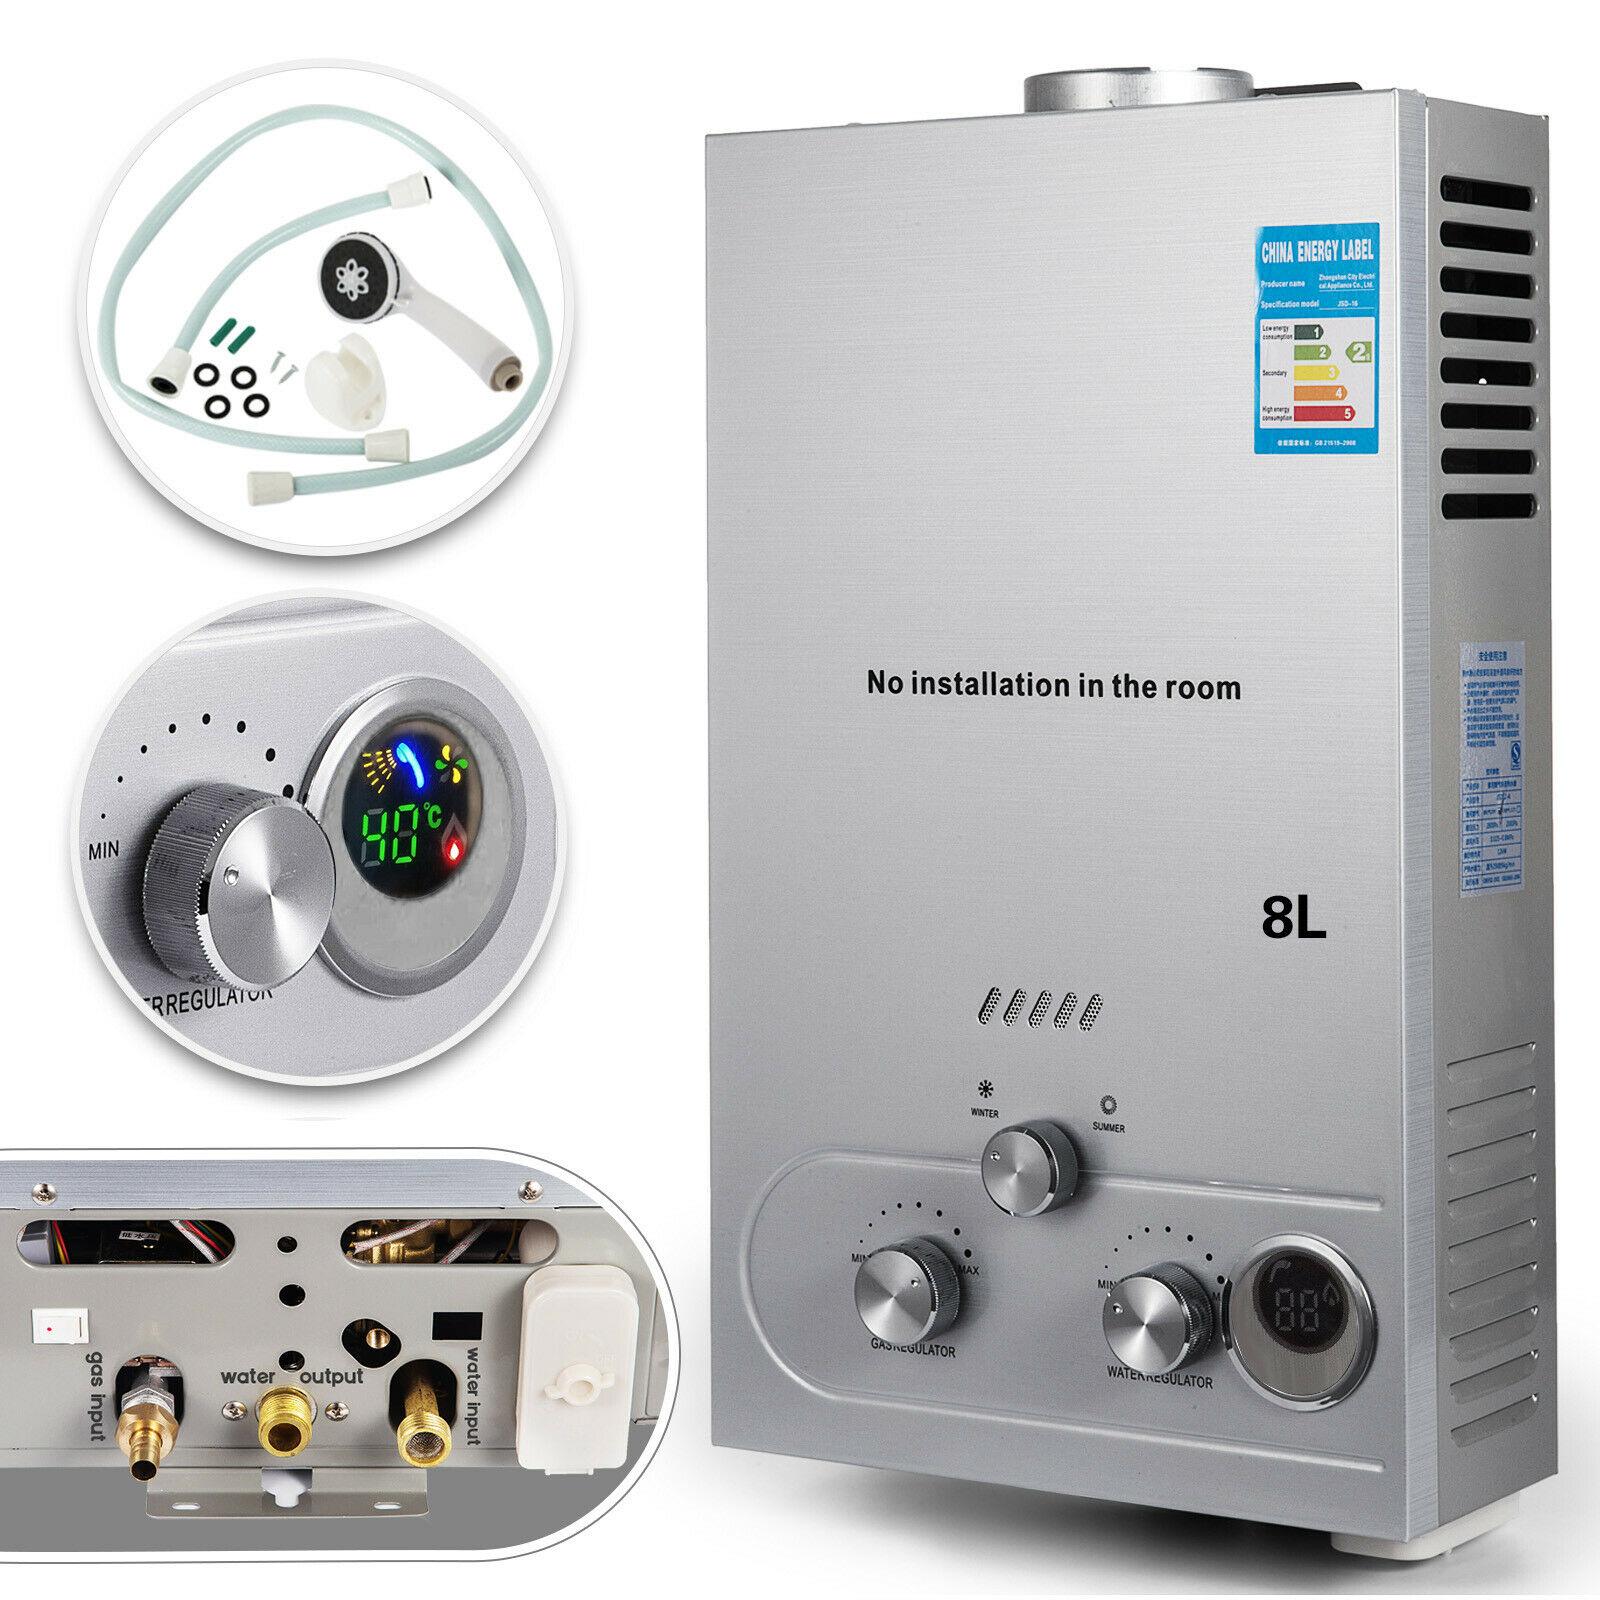 AliExpress Chauffe-eau Digital sans réservoir au gaz Propane, 8l, à la demande